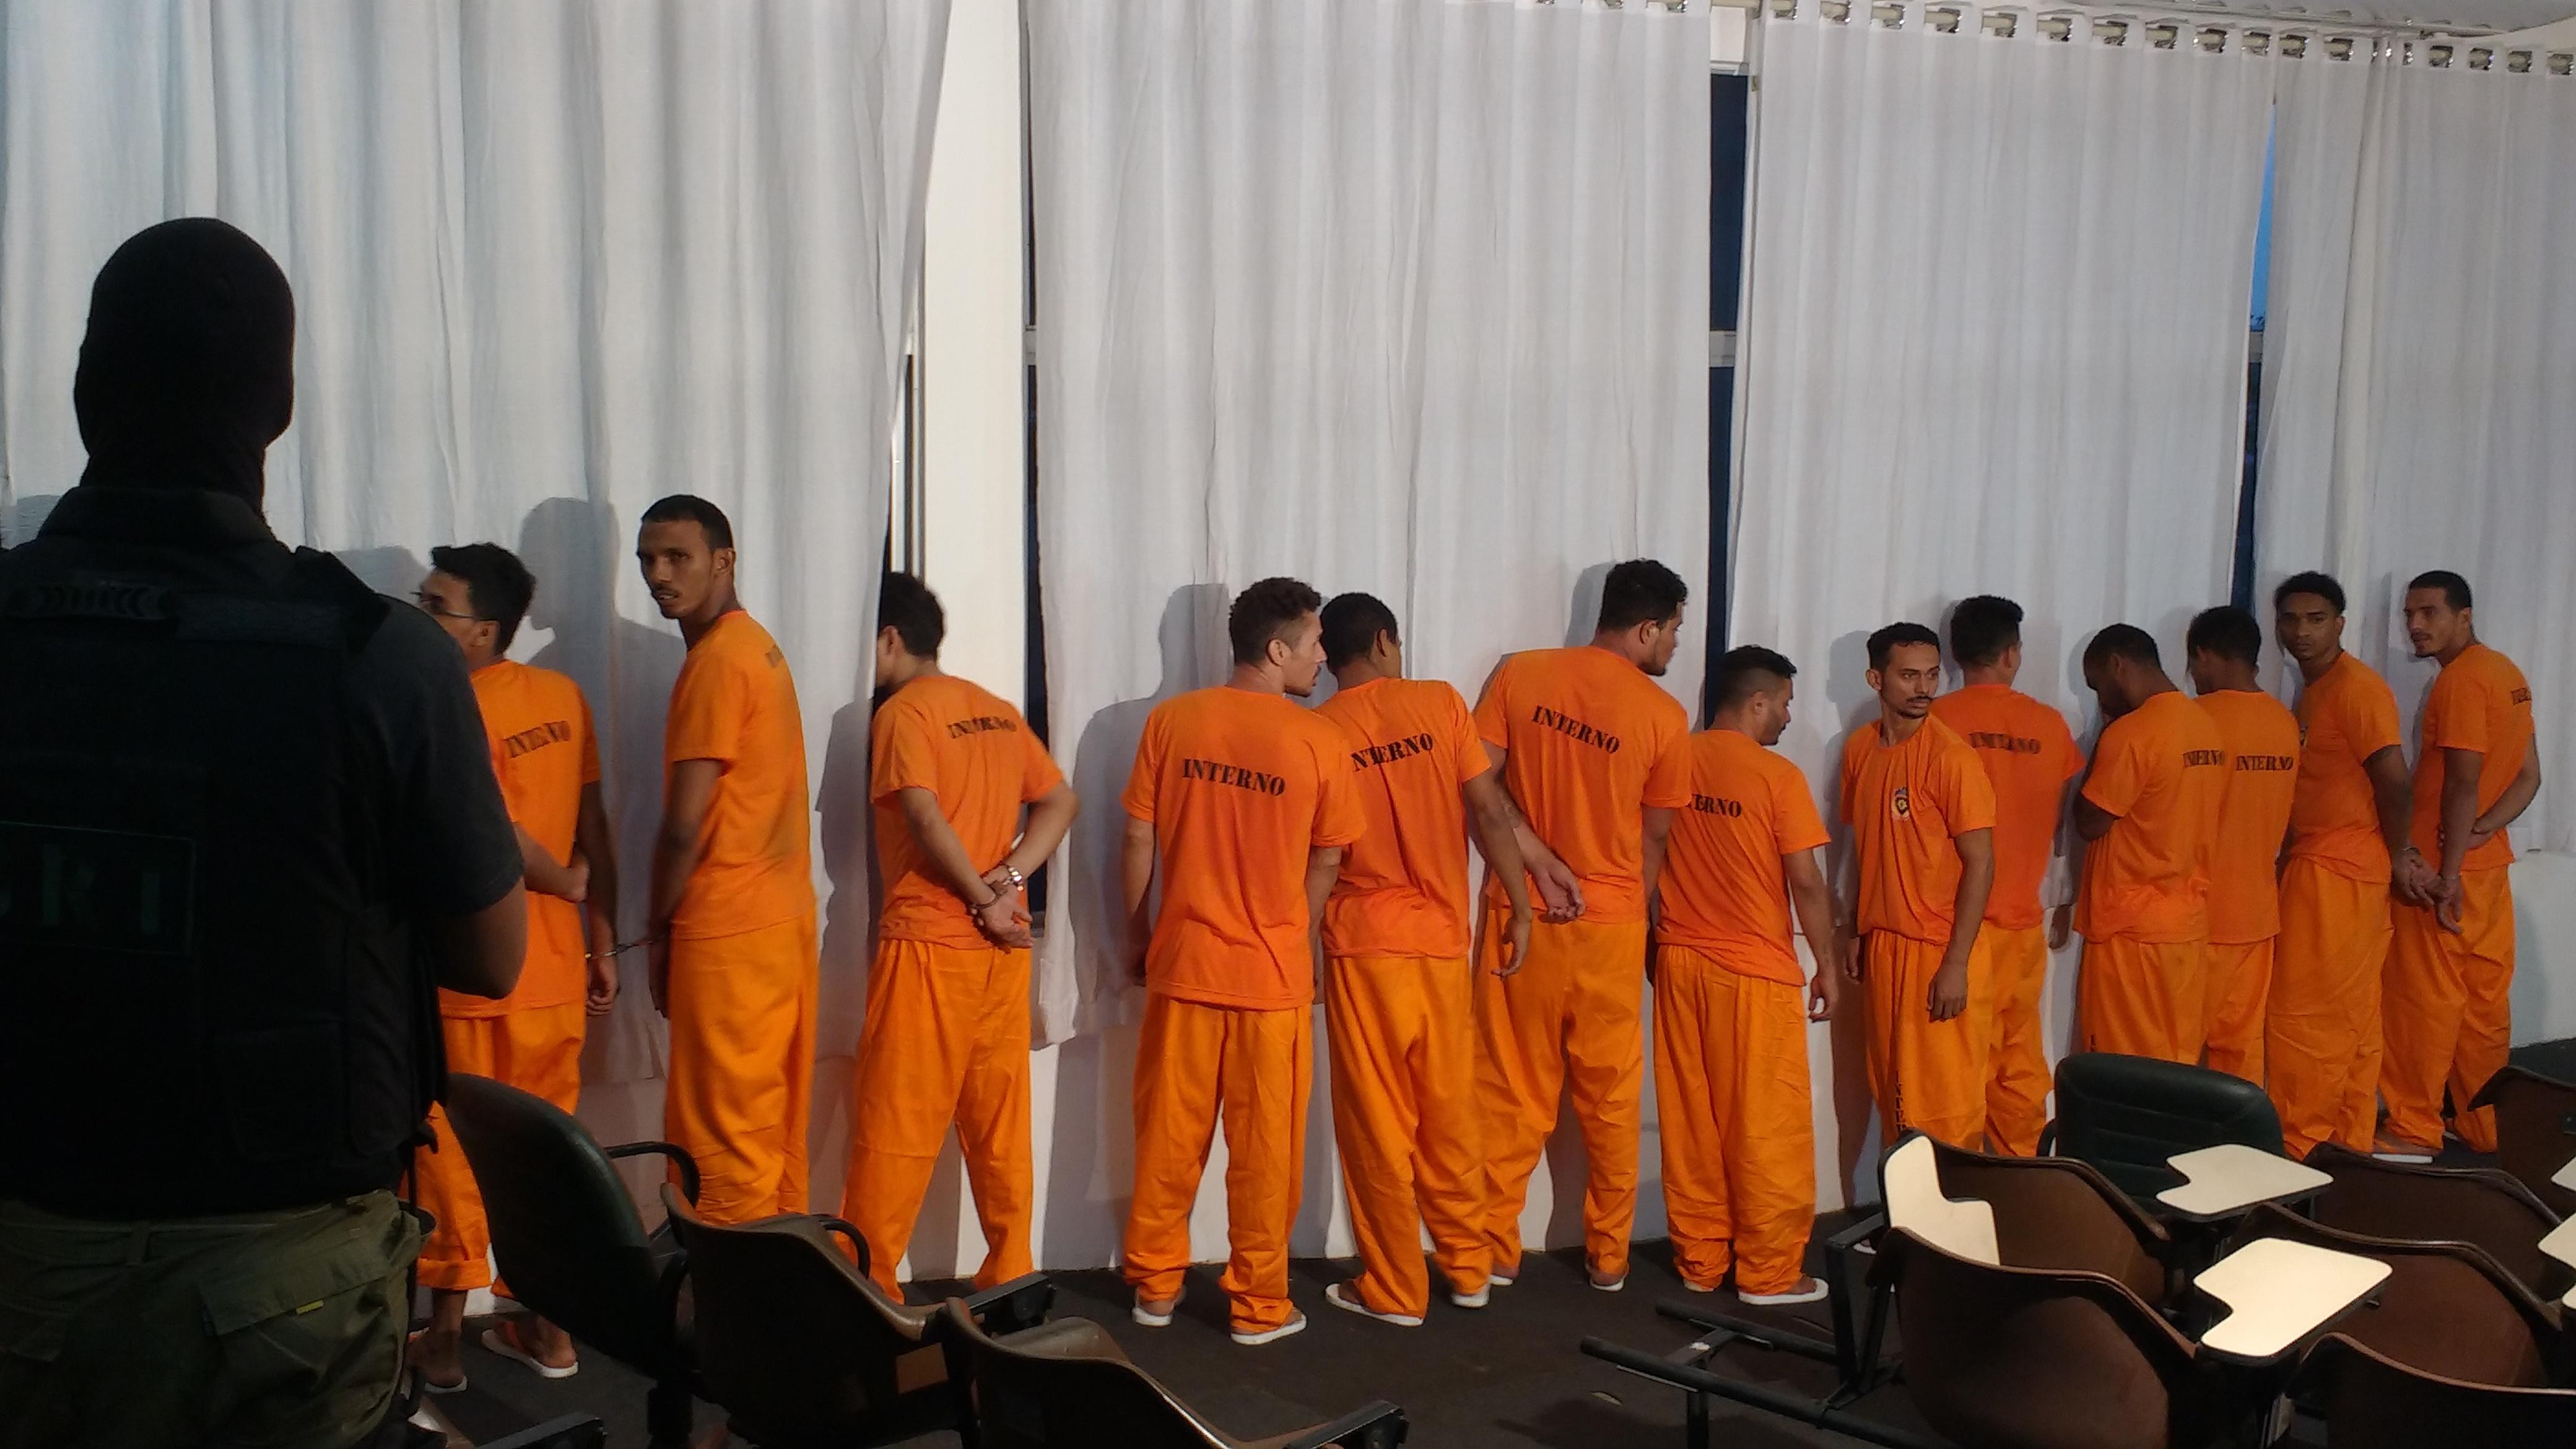 Após apresentação de internos na SSP, 23 serão transferidos para presídios federais